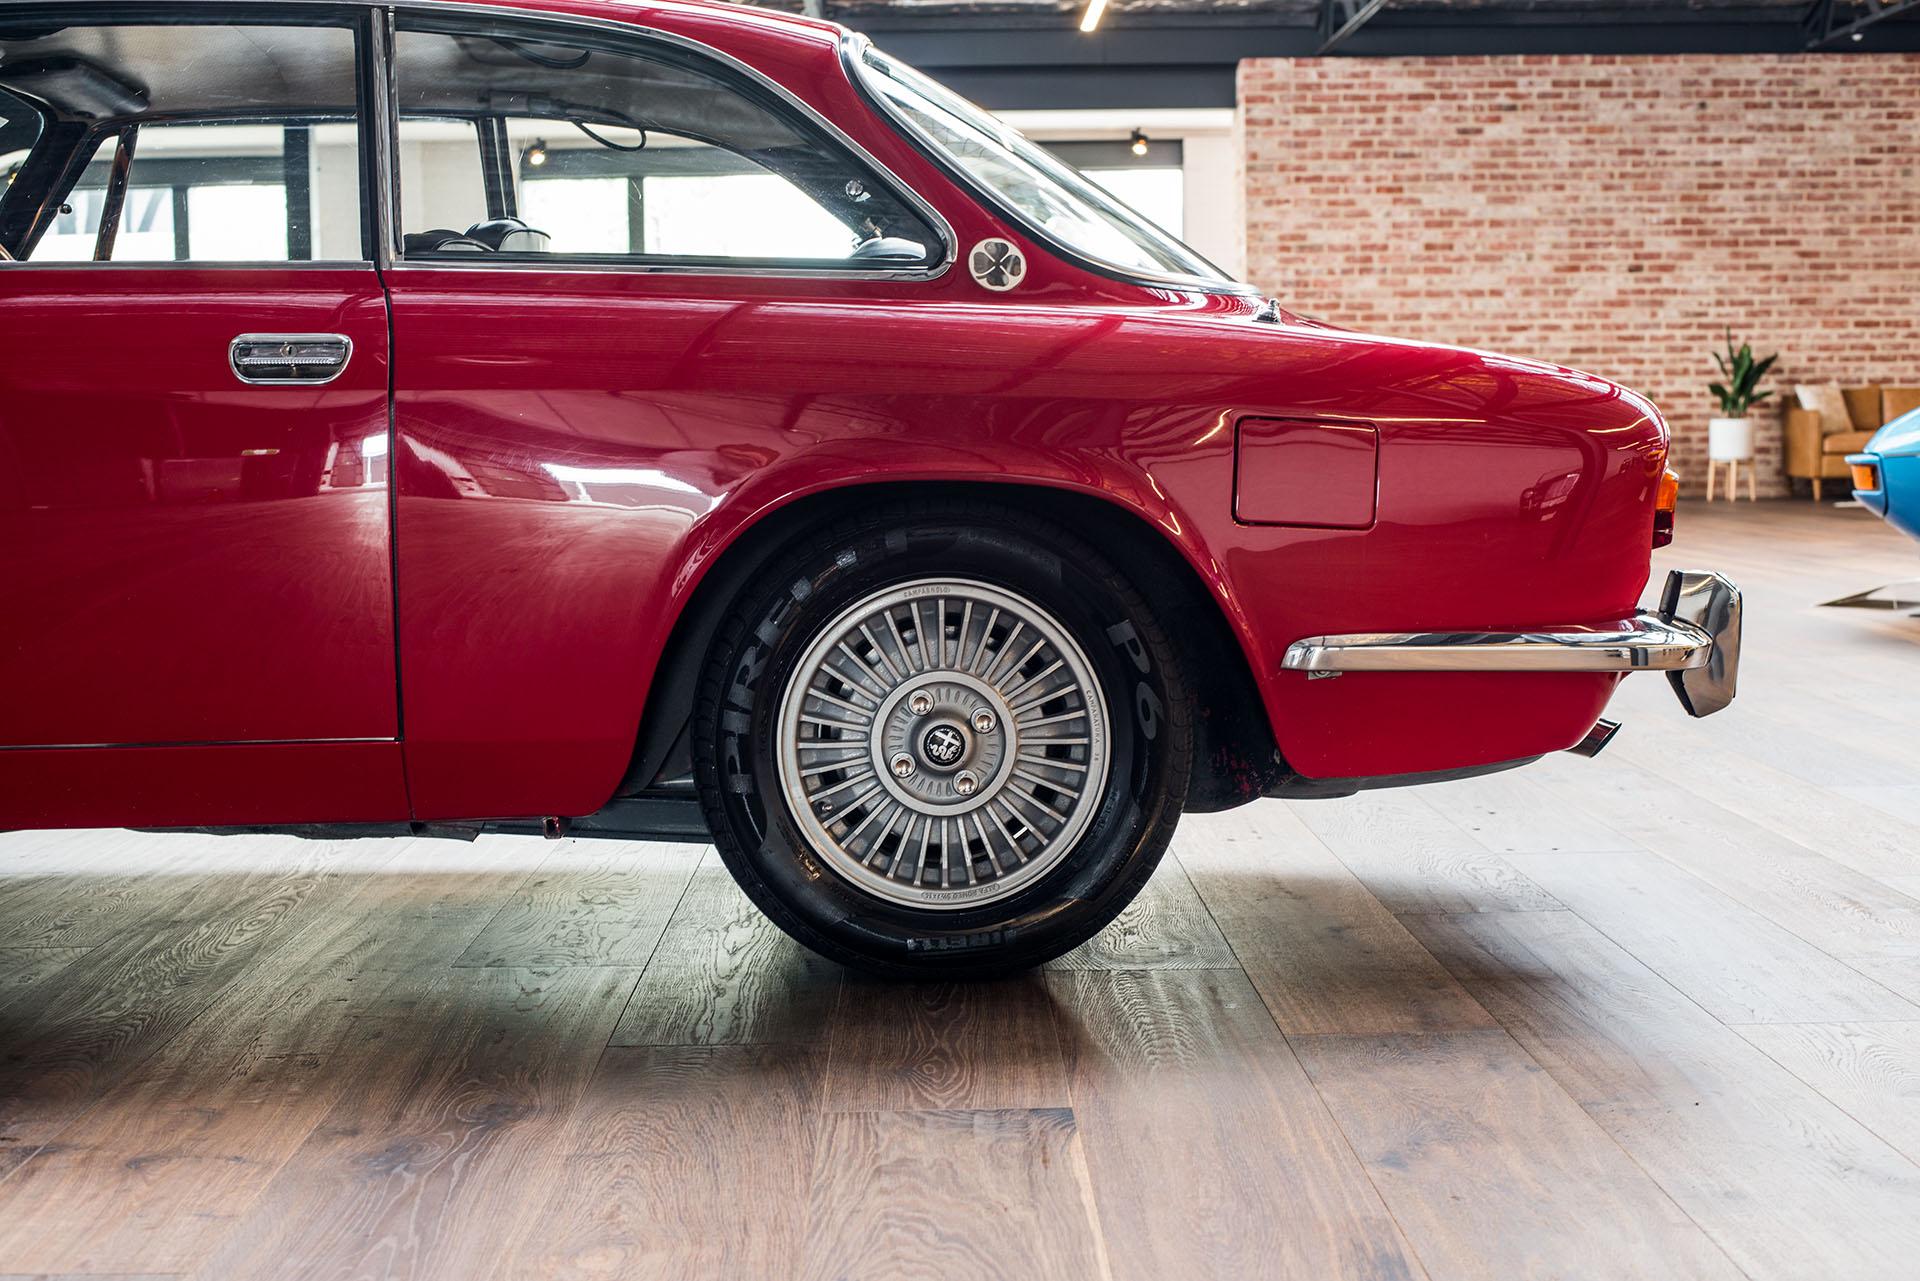 Alfa romeo 1750 gtv for sale australia 14